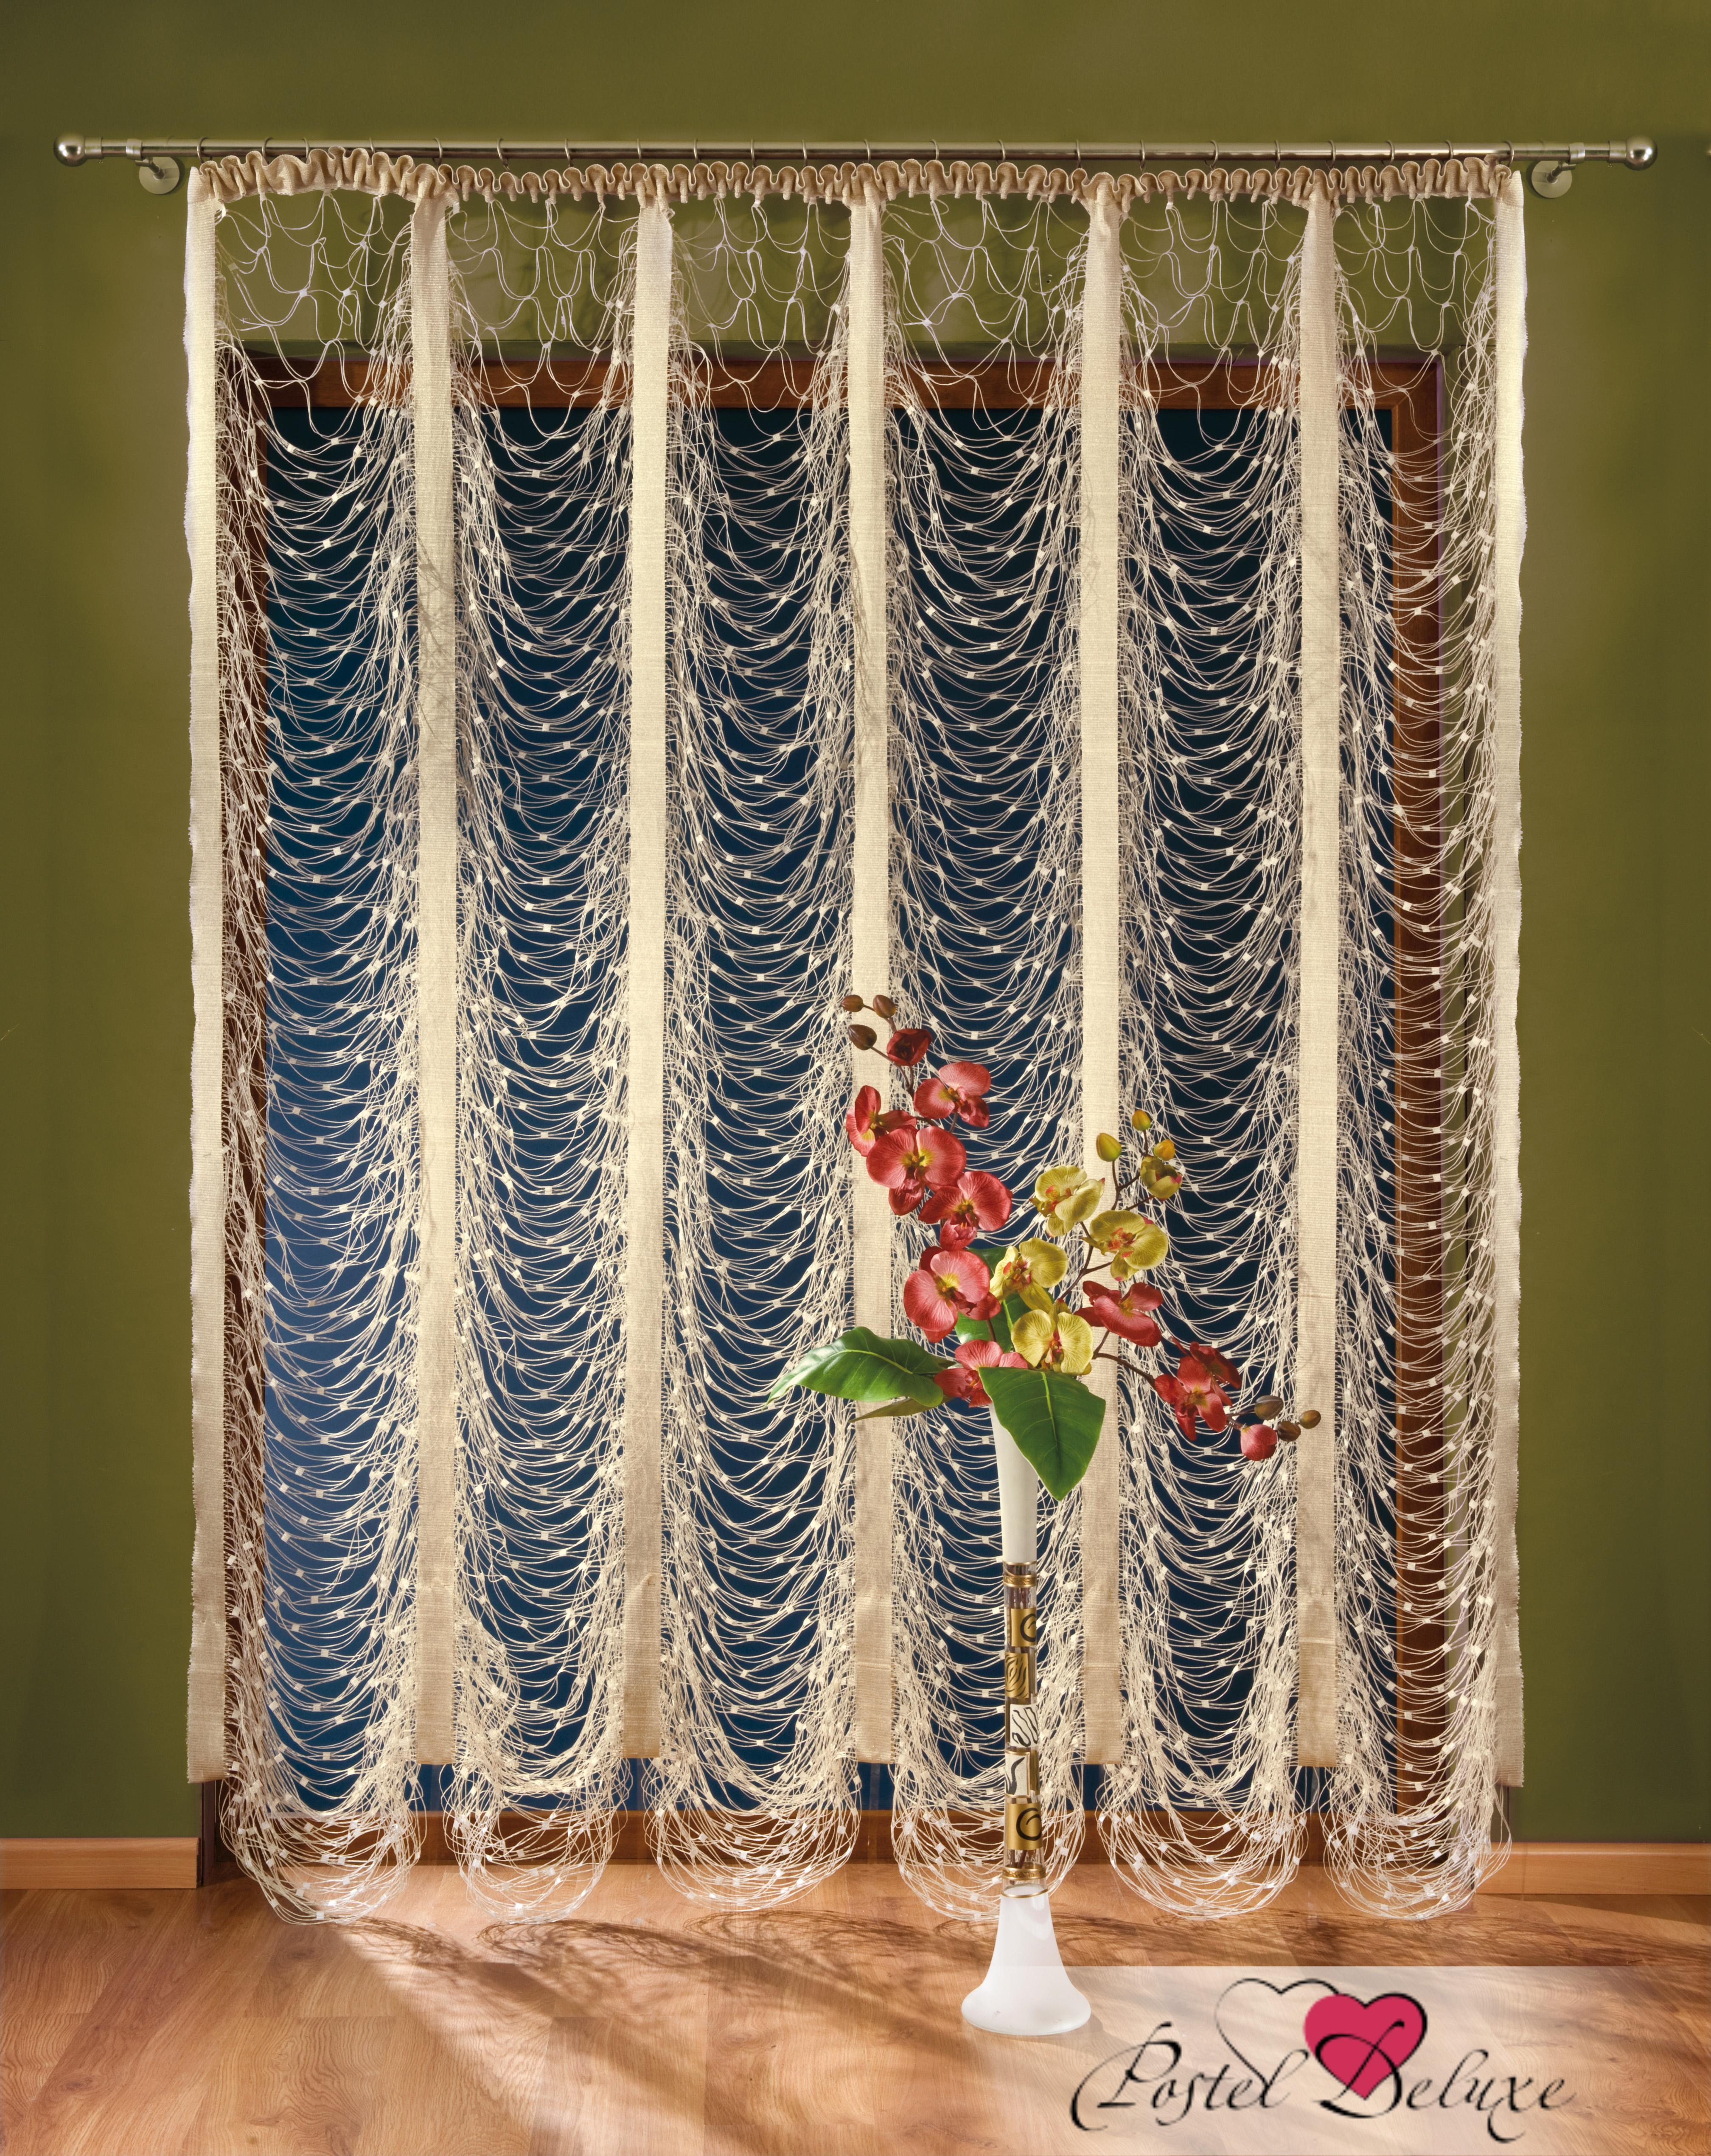 Шторы Wisan Нитяные шторы Цвет: Кремовый, Белый wisan wisan нитяные шторы joelle цвет кремовый бежевый